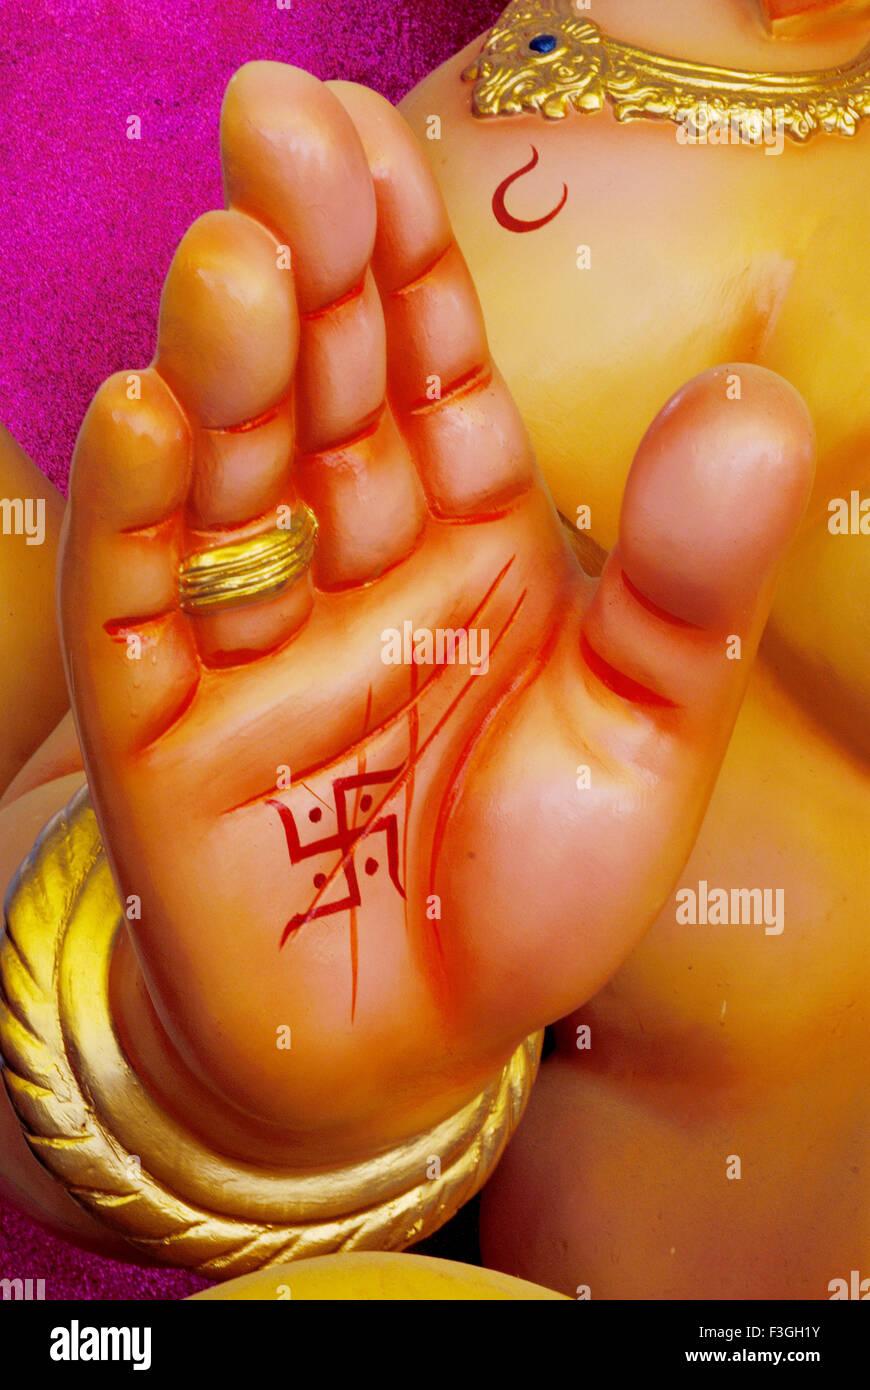 Idol Von Lord Ganesh Ganpati Elefanten Unter Der Leitung Gottes Oder